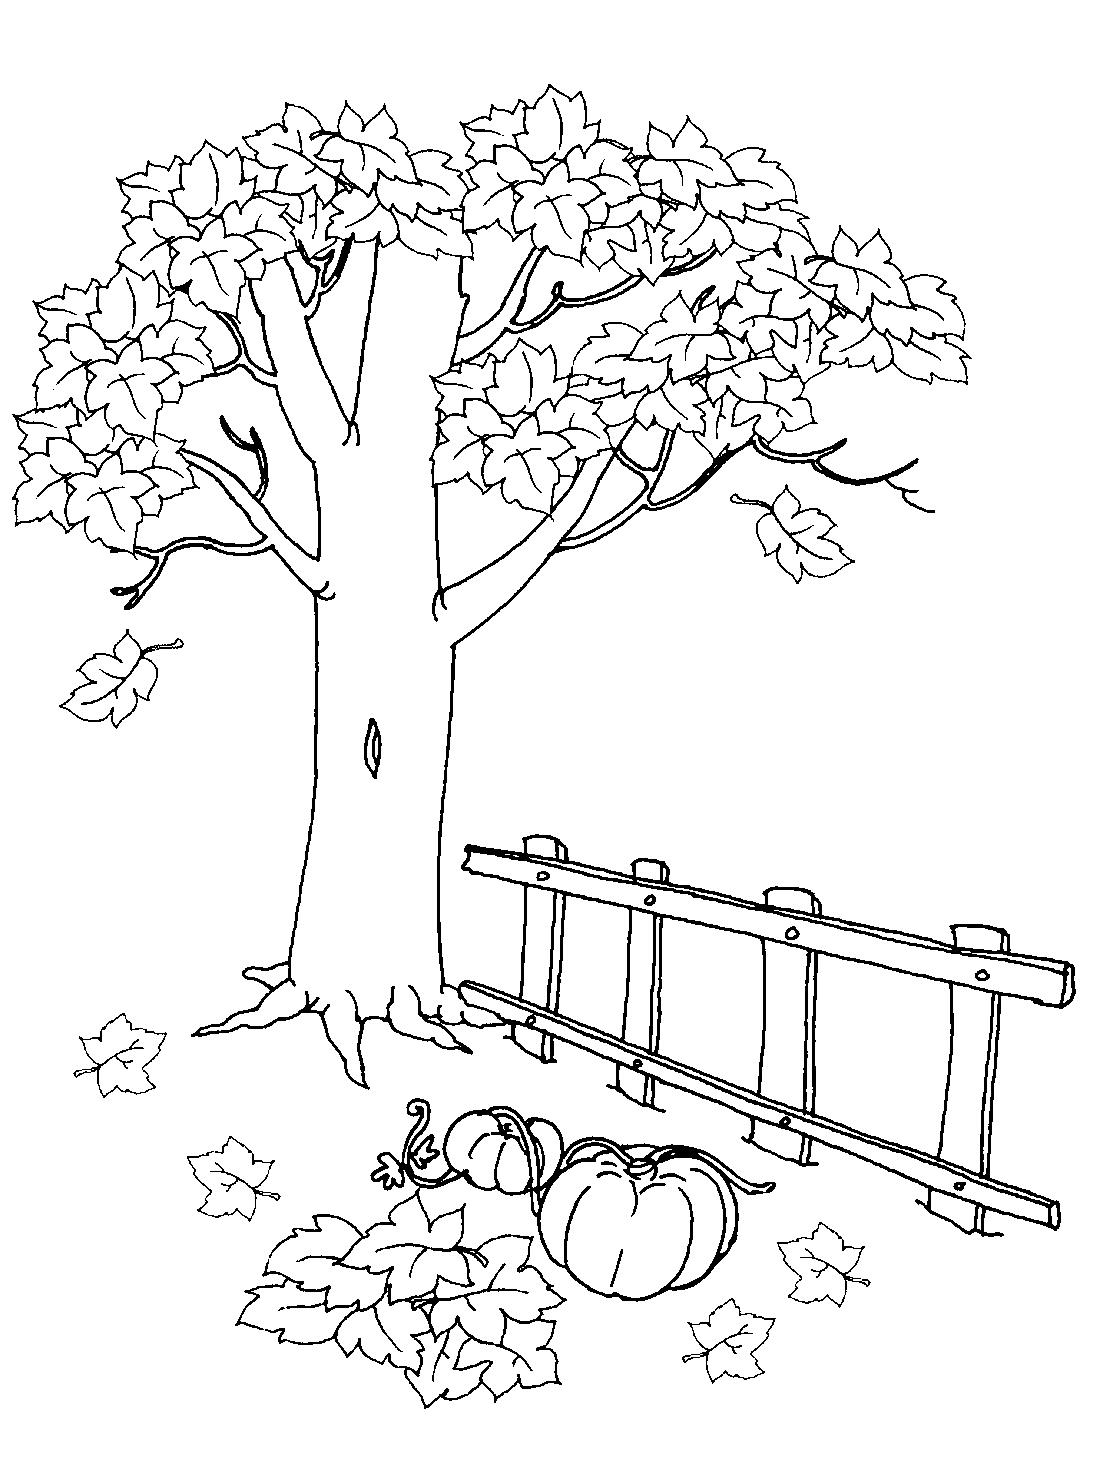 Дерево осенью - раскраска №3049 | Printonic.ru